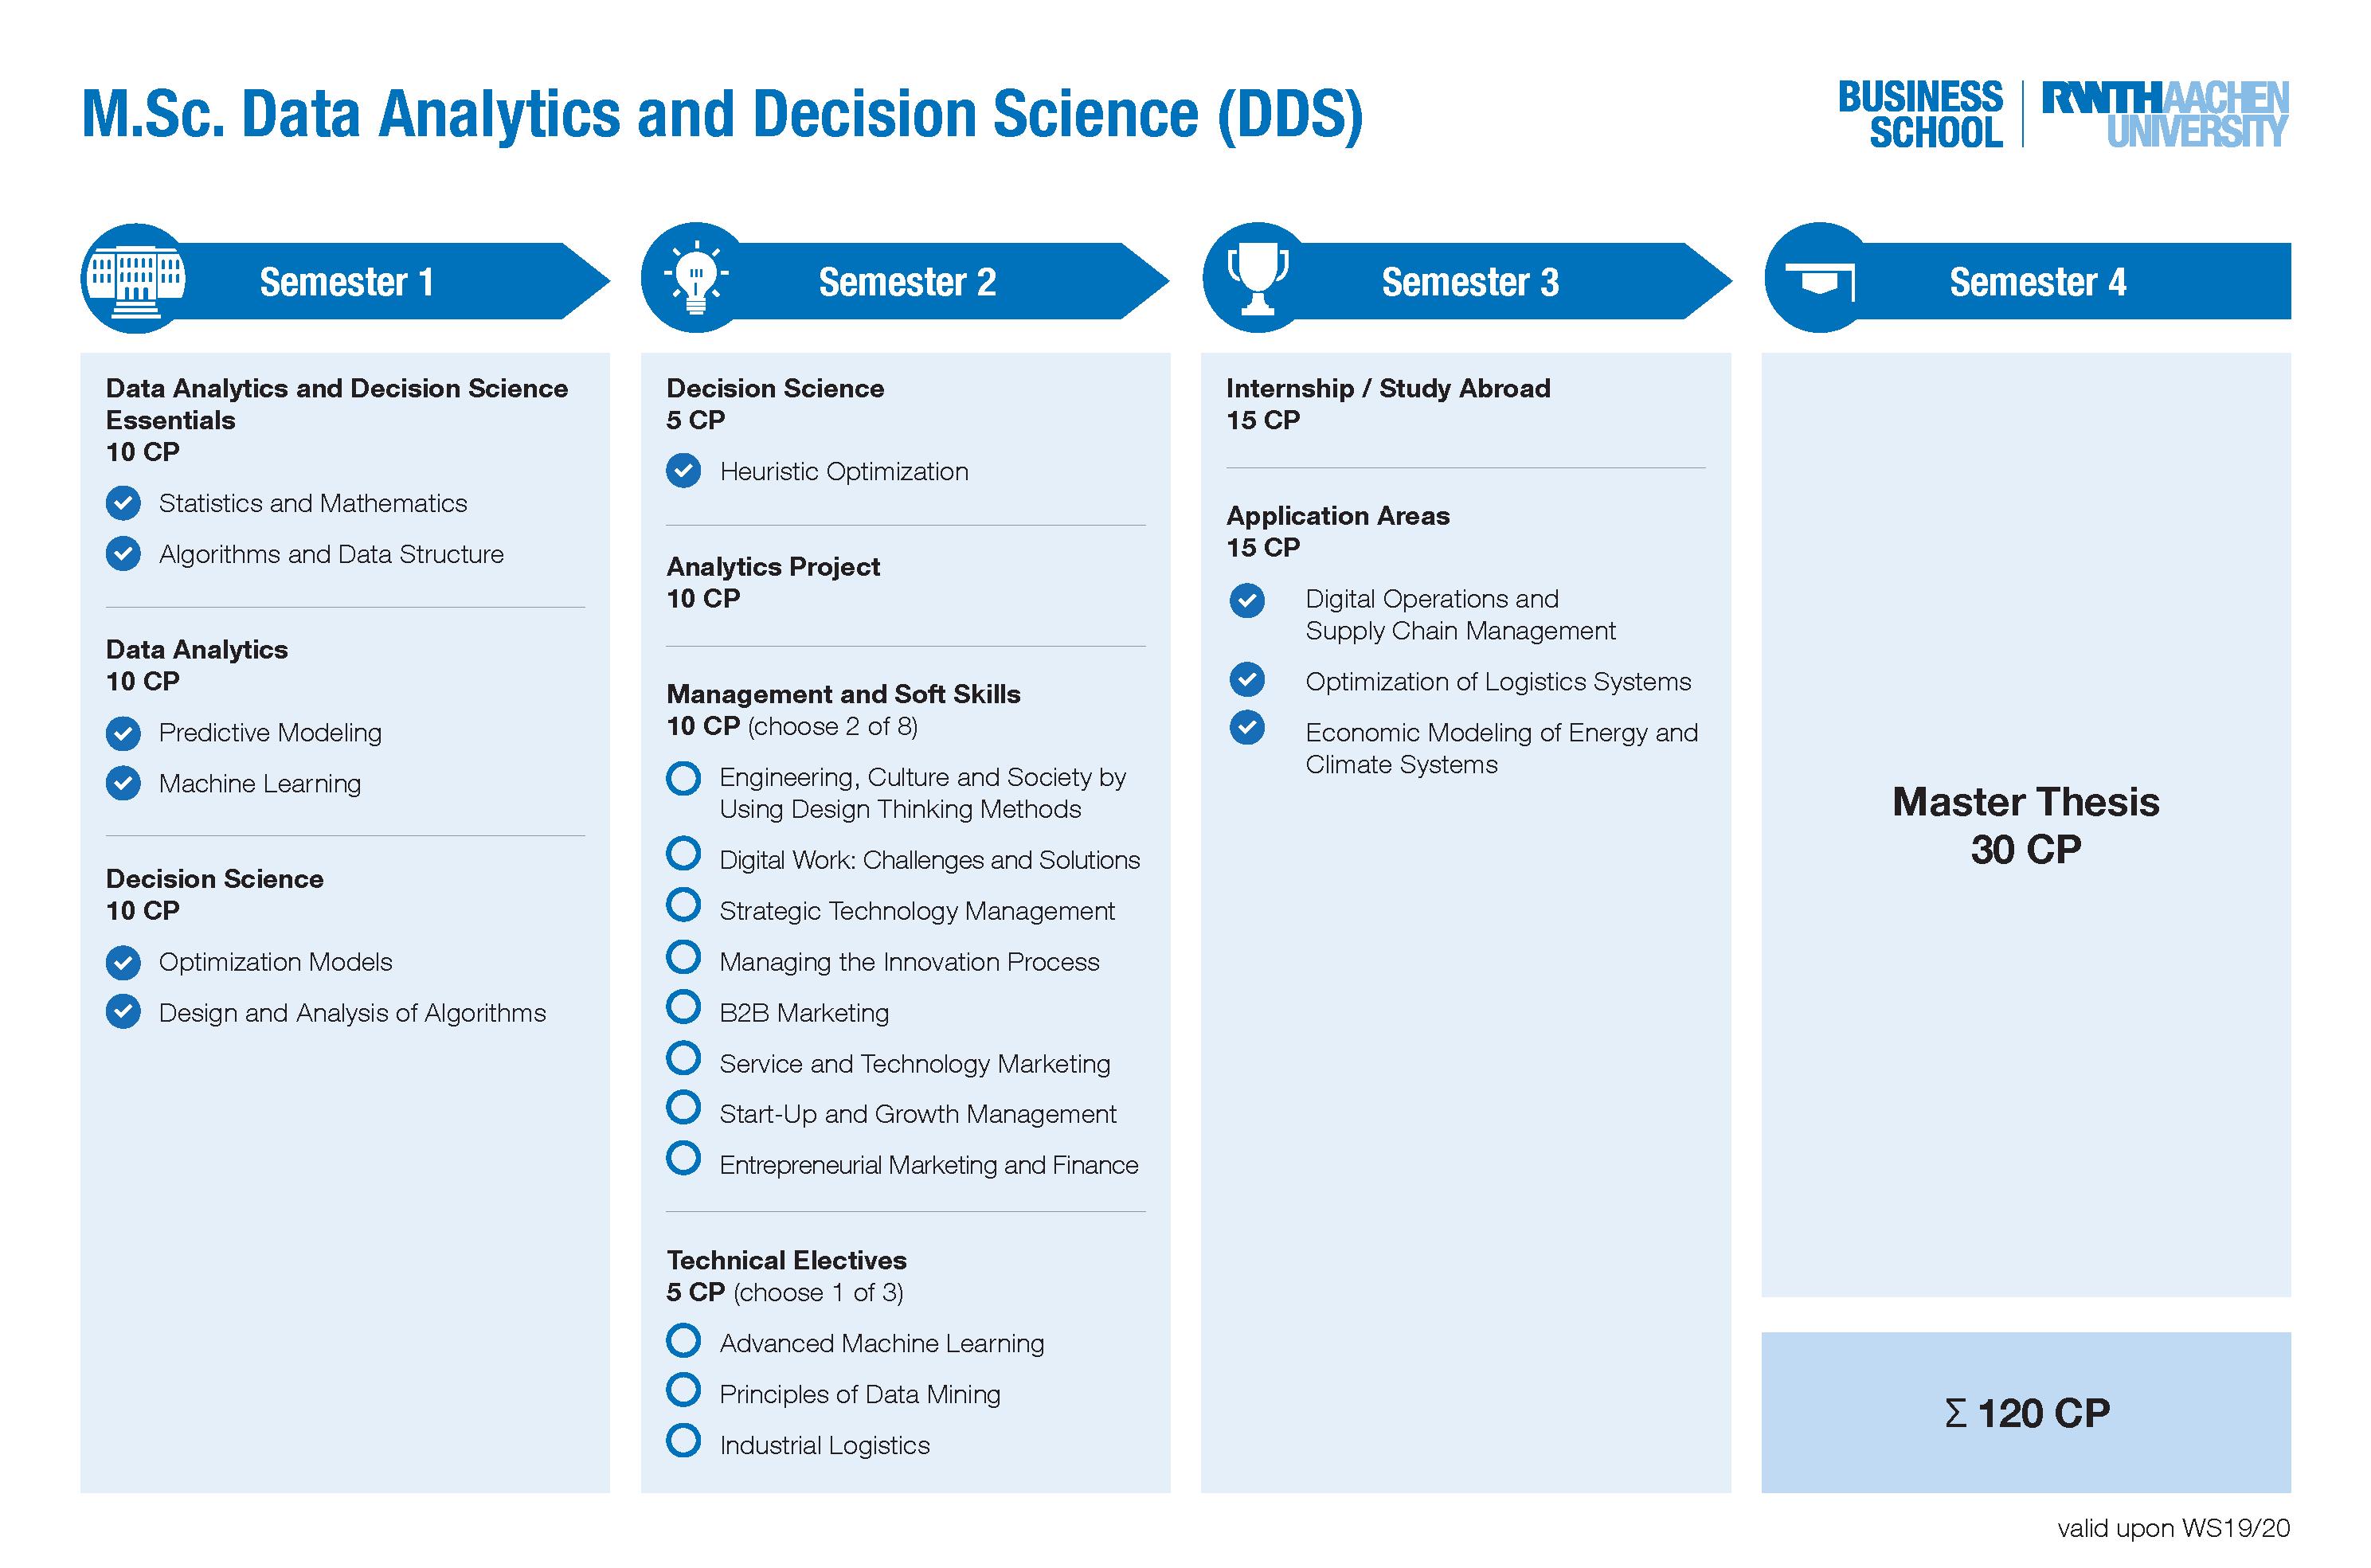 DDS Curriculum Übersicht